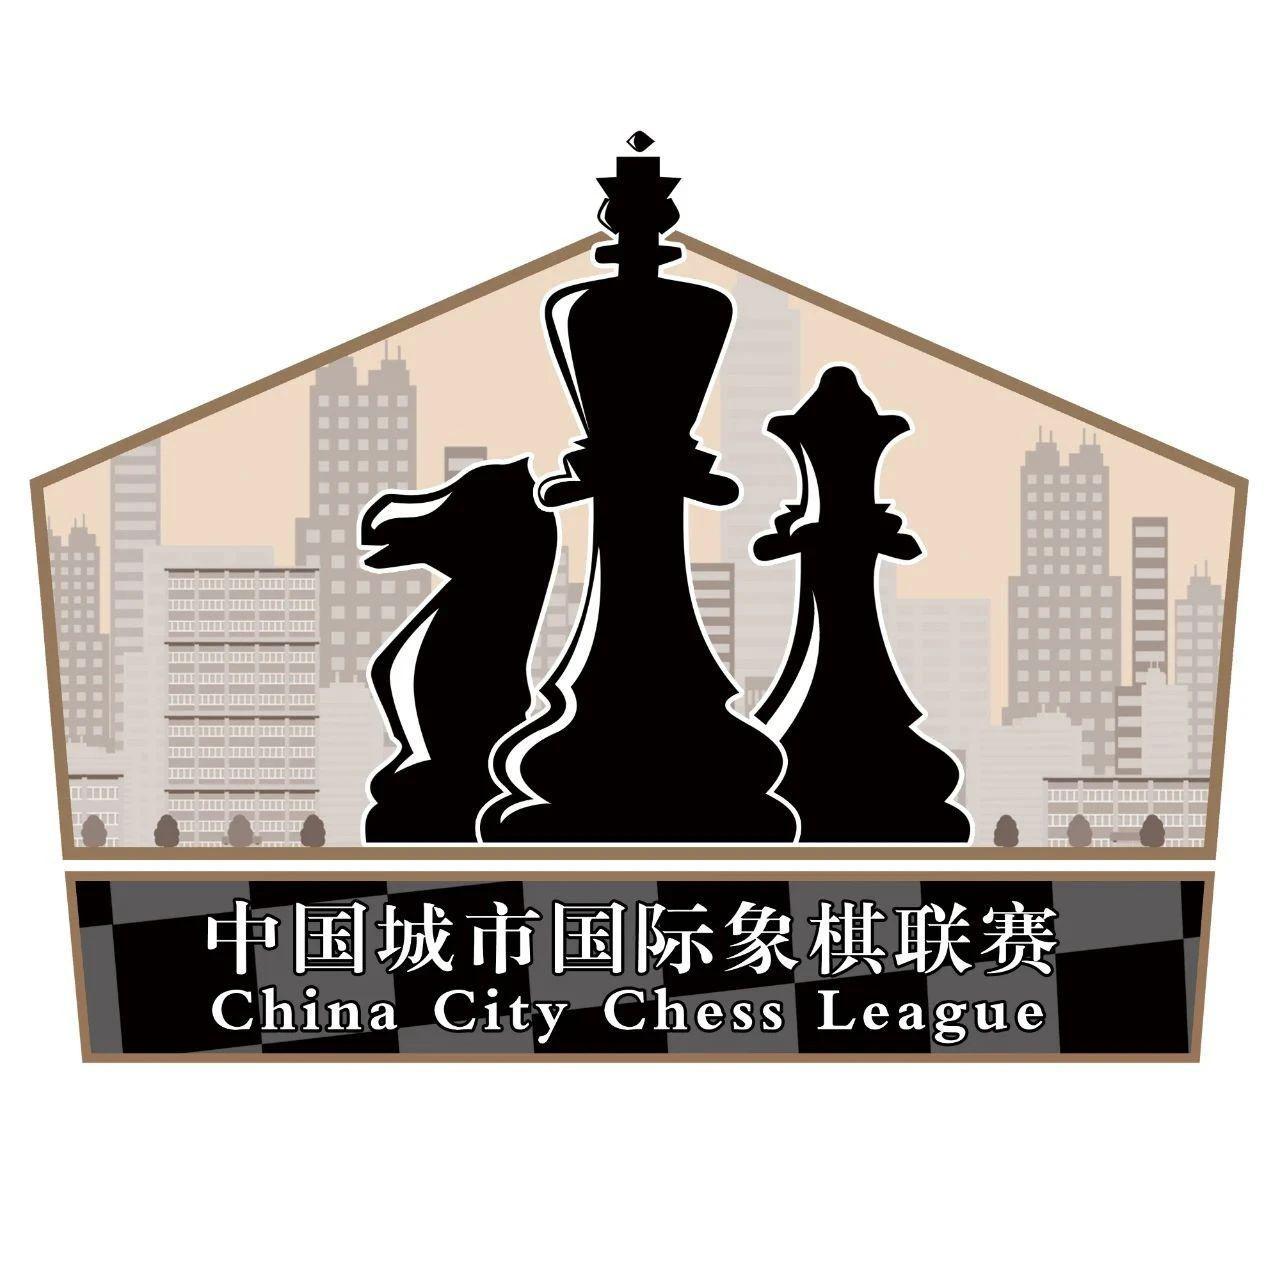 第一届中国城市国际象棋联赛(团体)竞赛规程